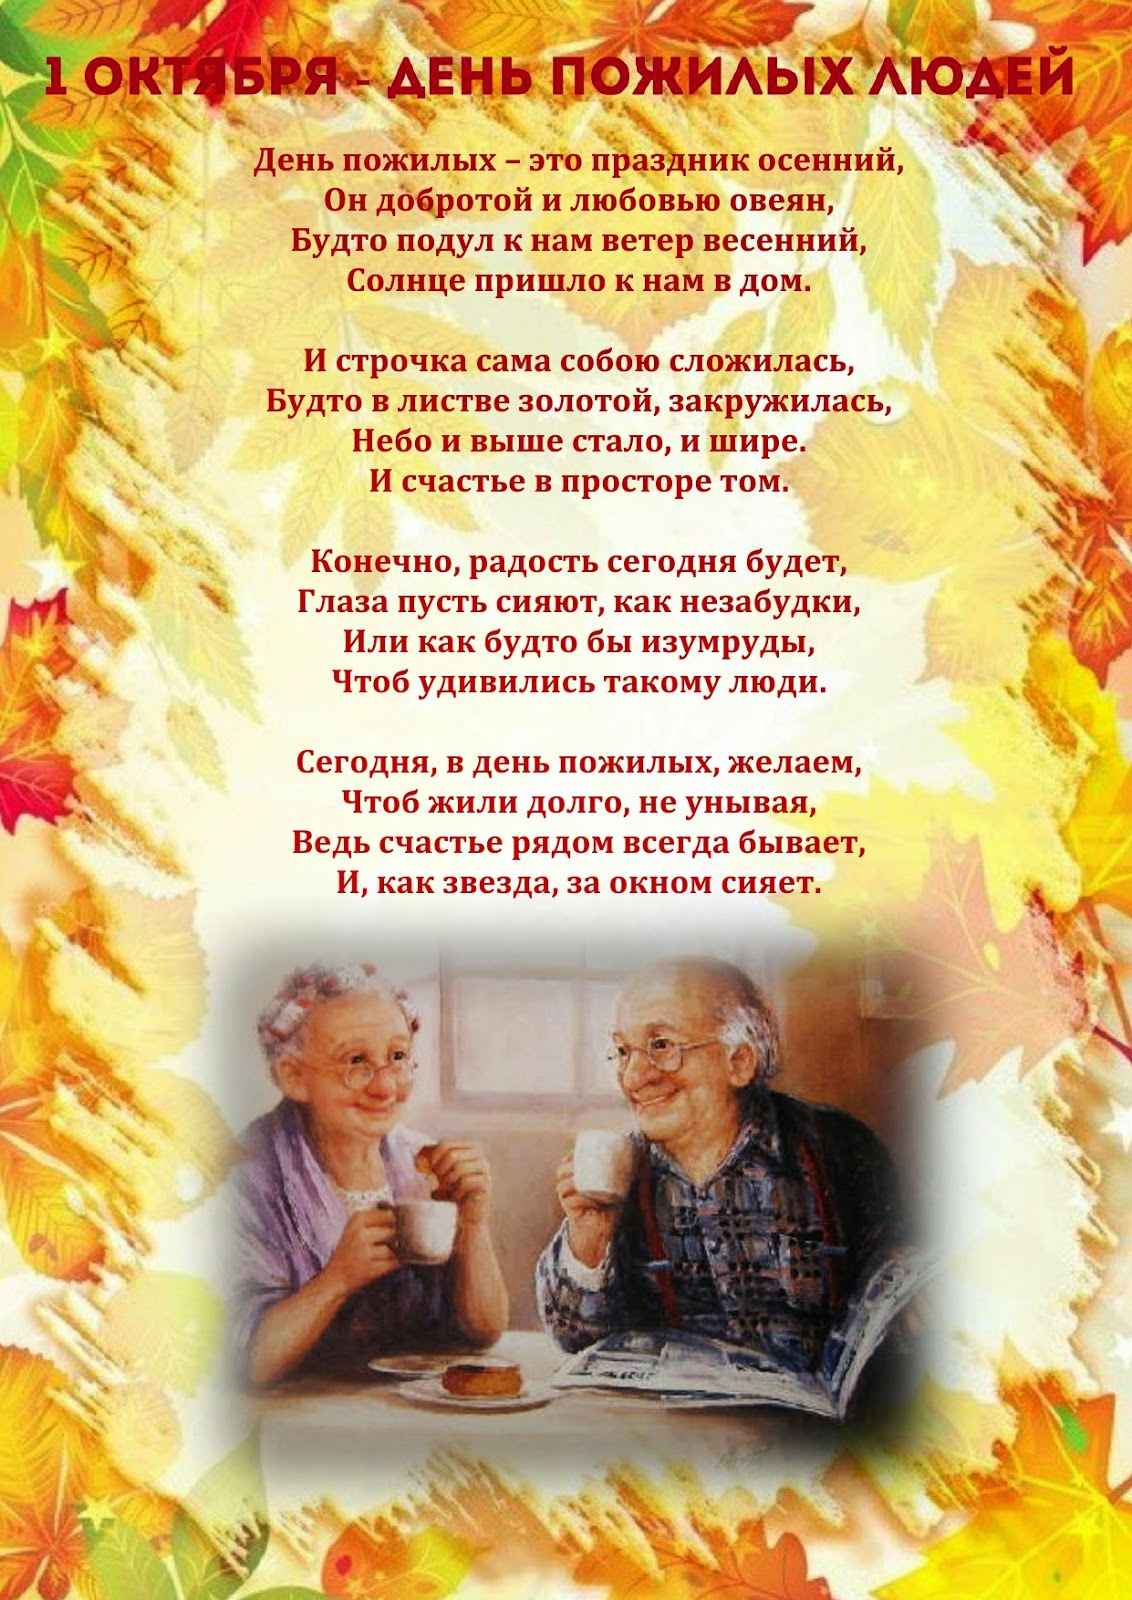 Открытка. 1 октября. С Днем пожилых людей! Живите долго